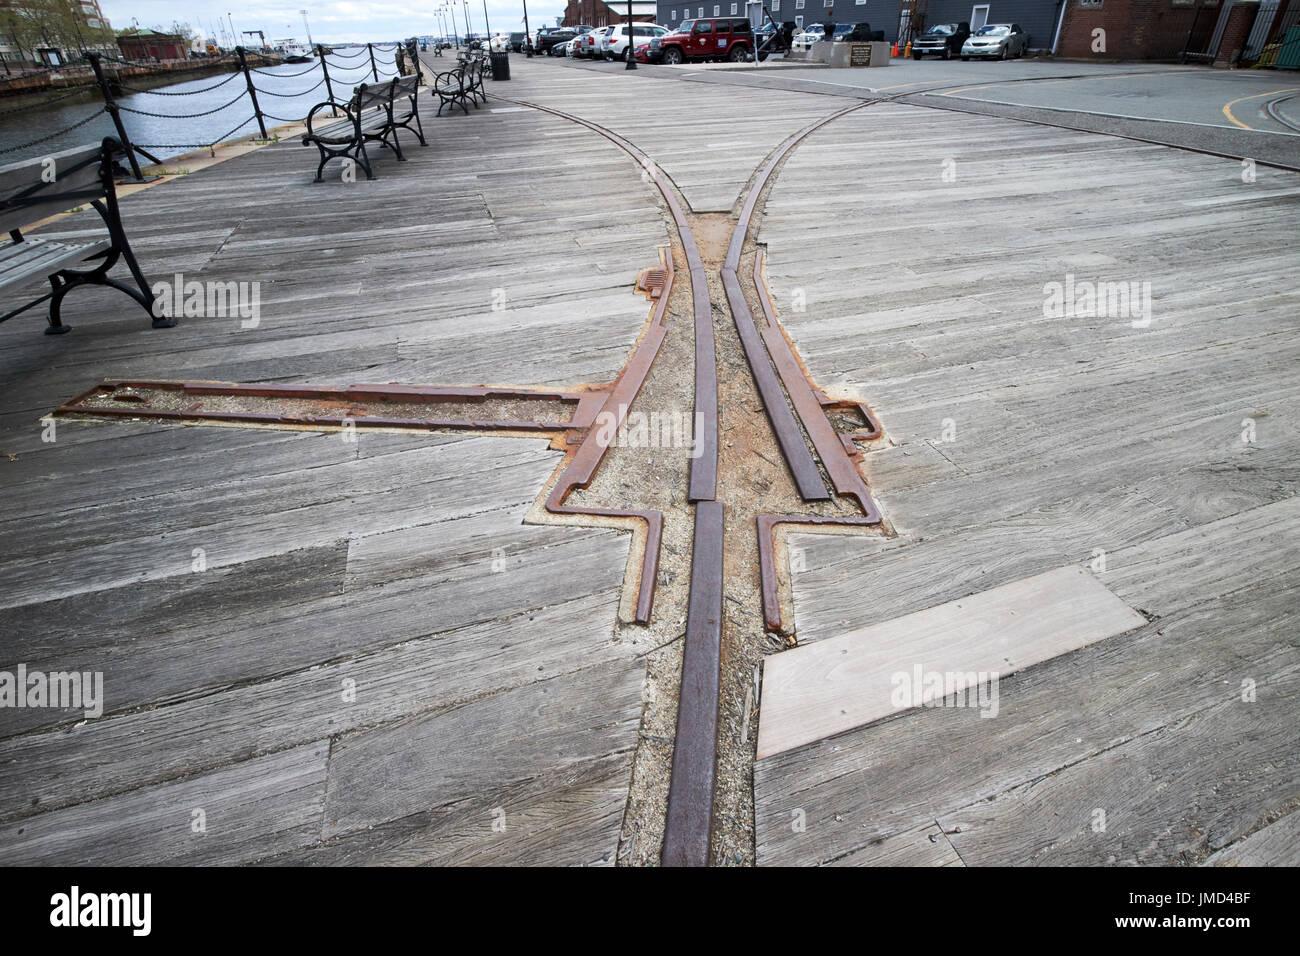 Harborwalk y muelle de madera cubierta con viejos raíles transporte Charlestown Navy Yard Boston, EE.UU. Imagen De Stock